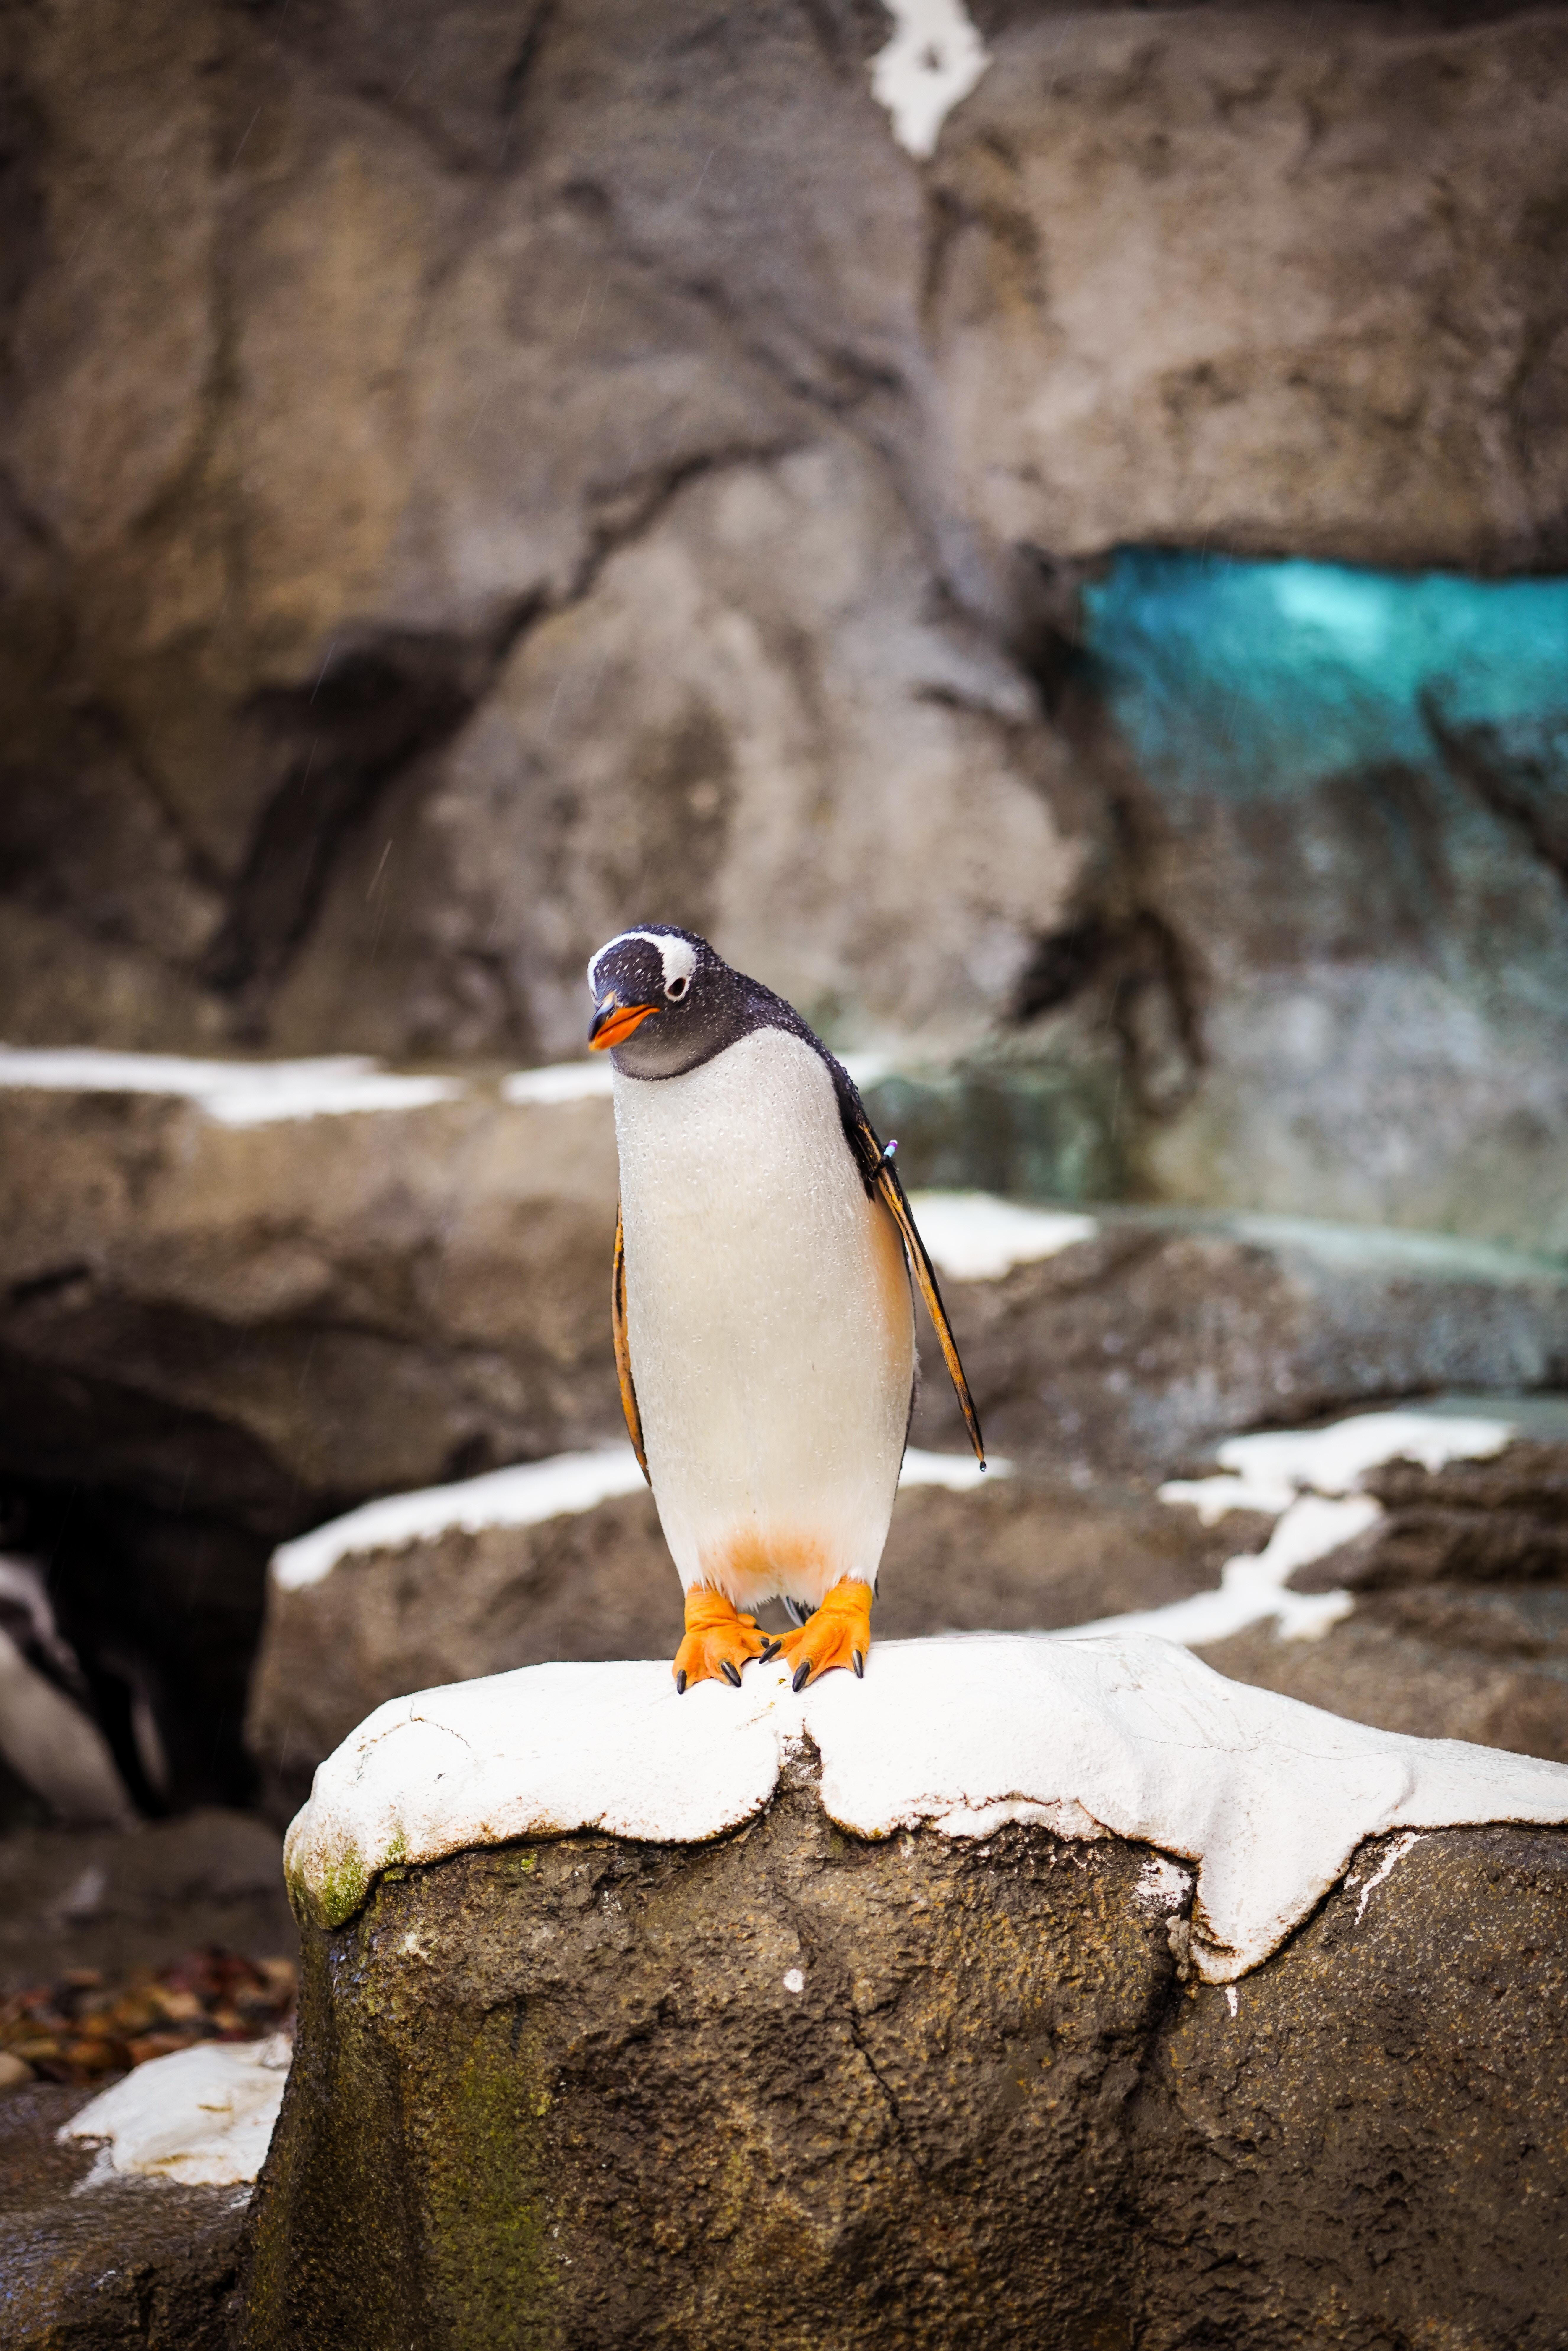 83801 скачать обои Животные, Пингвин, Птица, Камень, Дикая Природа - заставки и картинки бесплатно